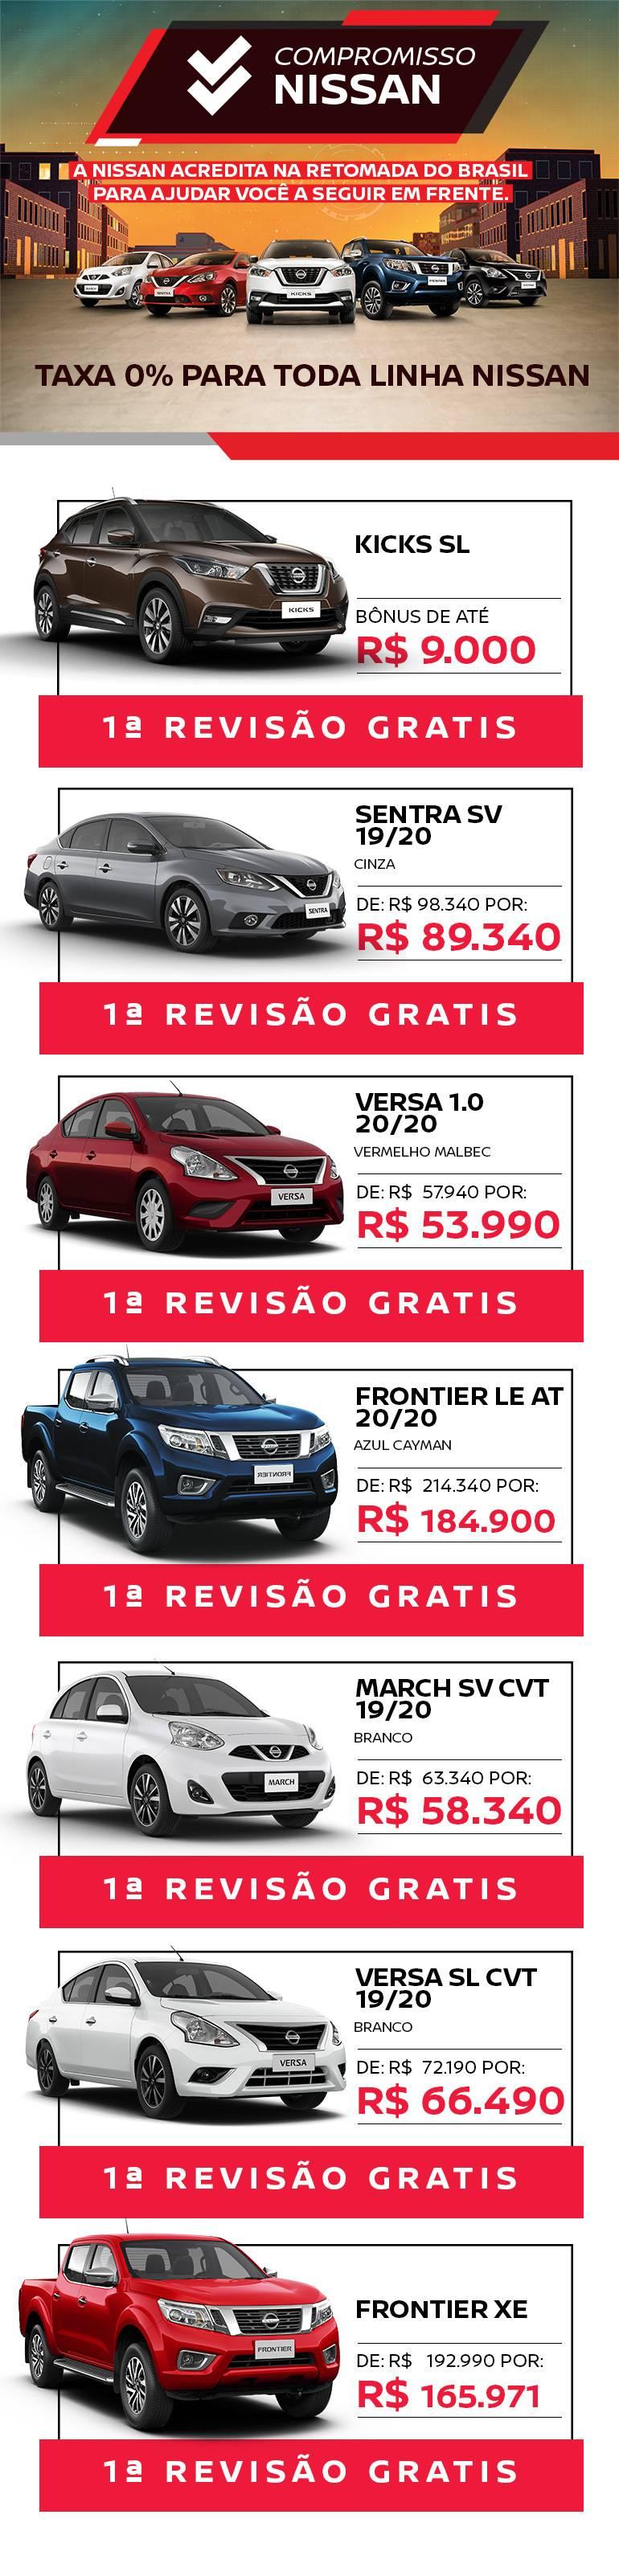 Oferta Nissan - Taxa Zero